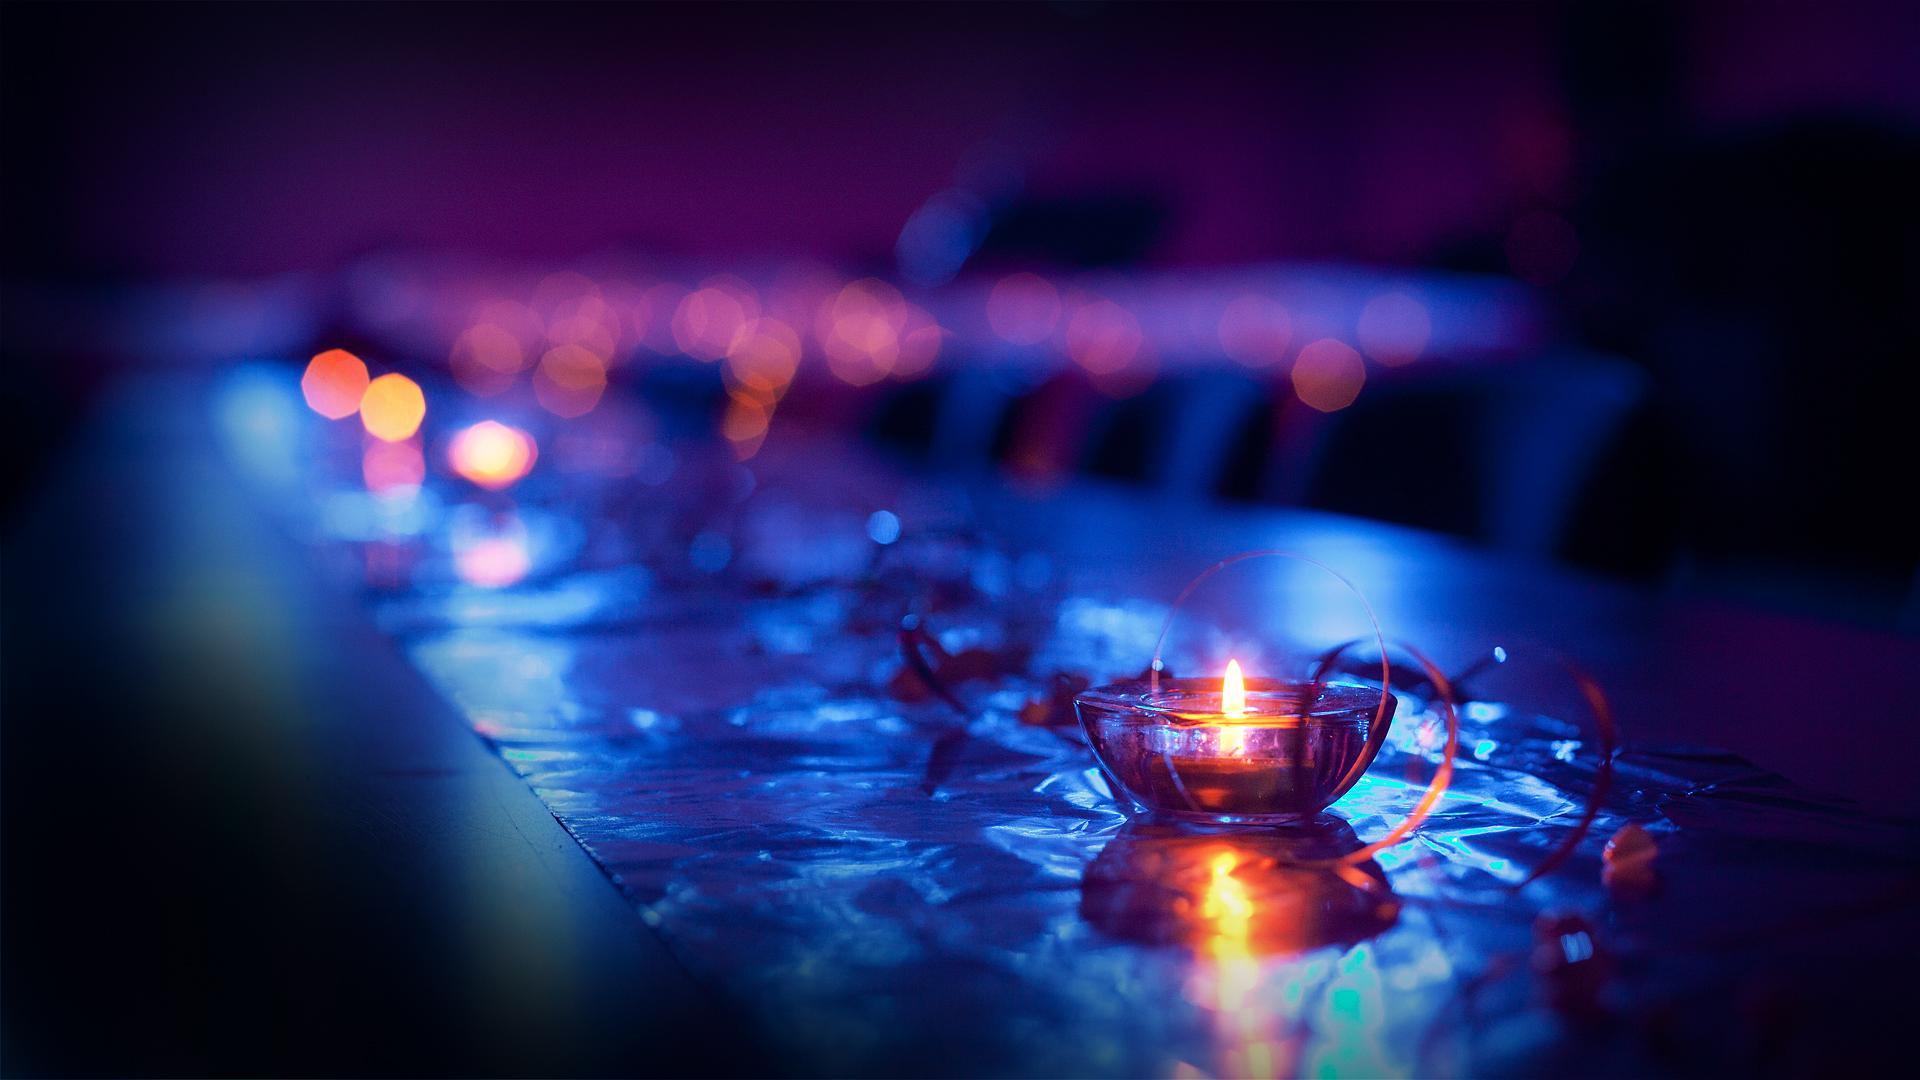 синий фонарь свечка  № 2050180 бесплатно